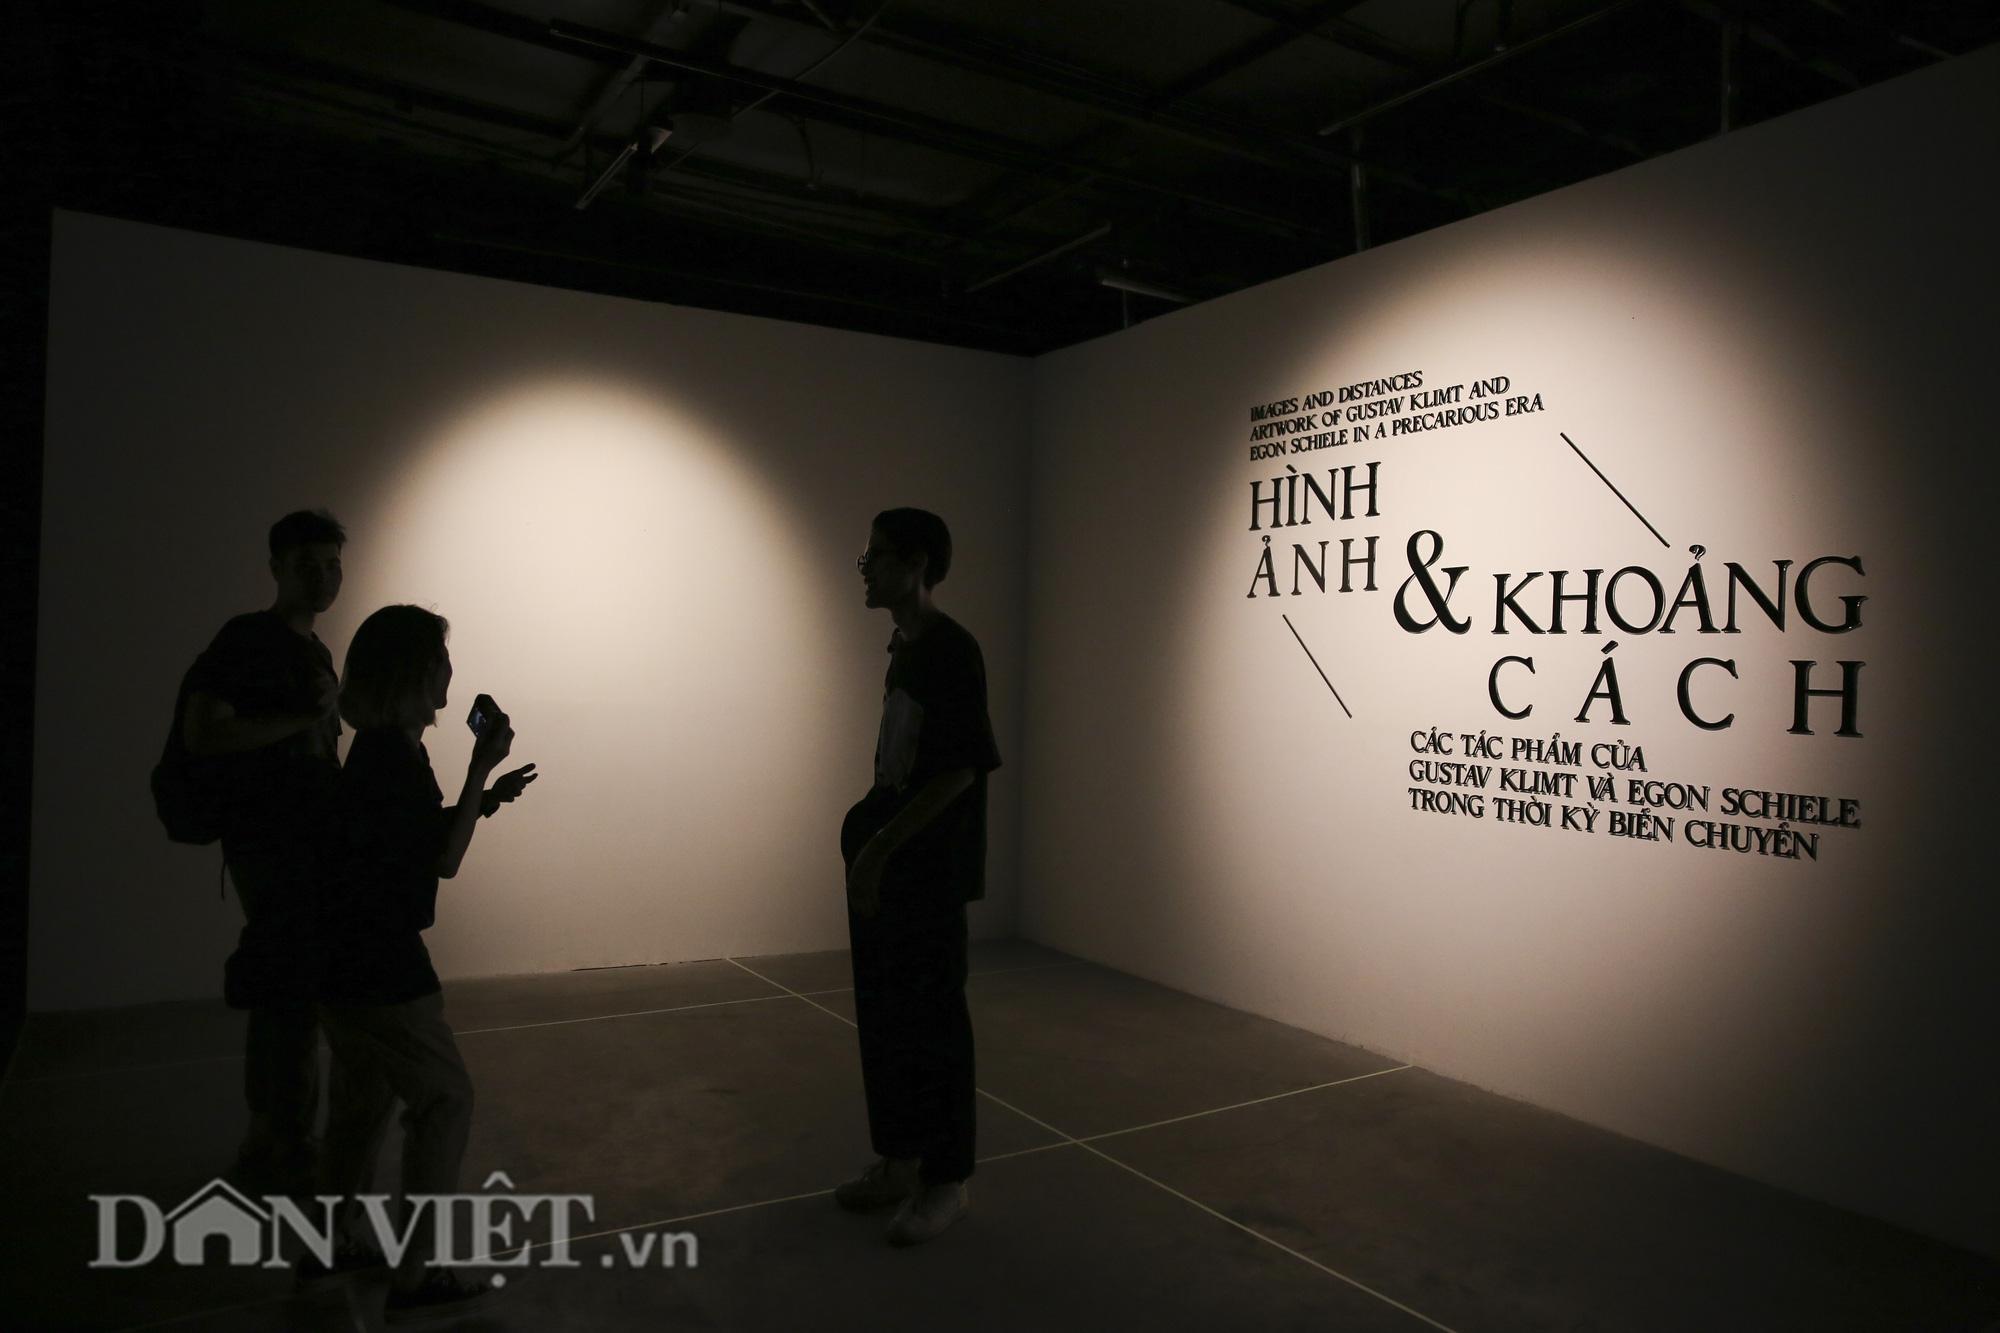 Chiêm ngưỡng những kiệt tác hội họa trăm năm, giá trăm triệu USD tại Hà Nội - Ảnh 12.